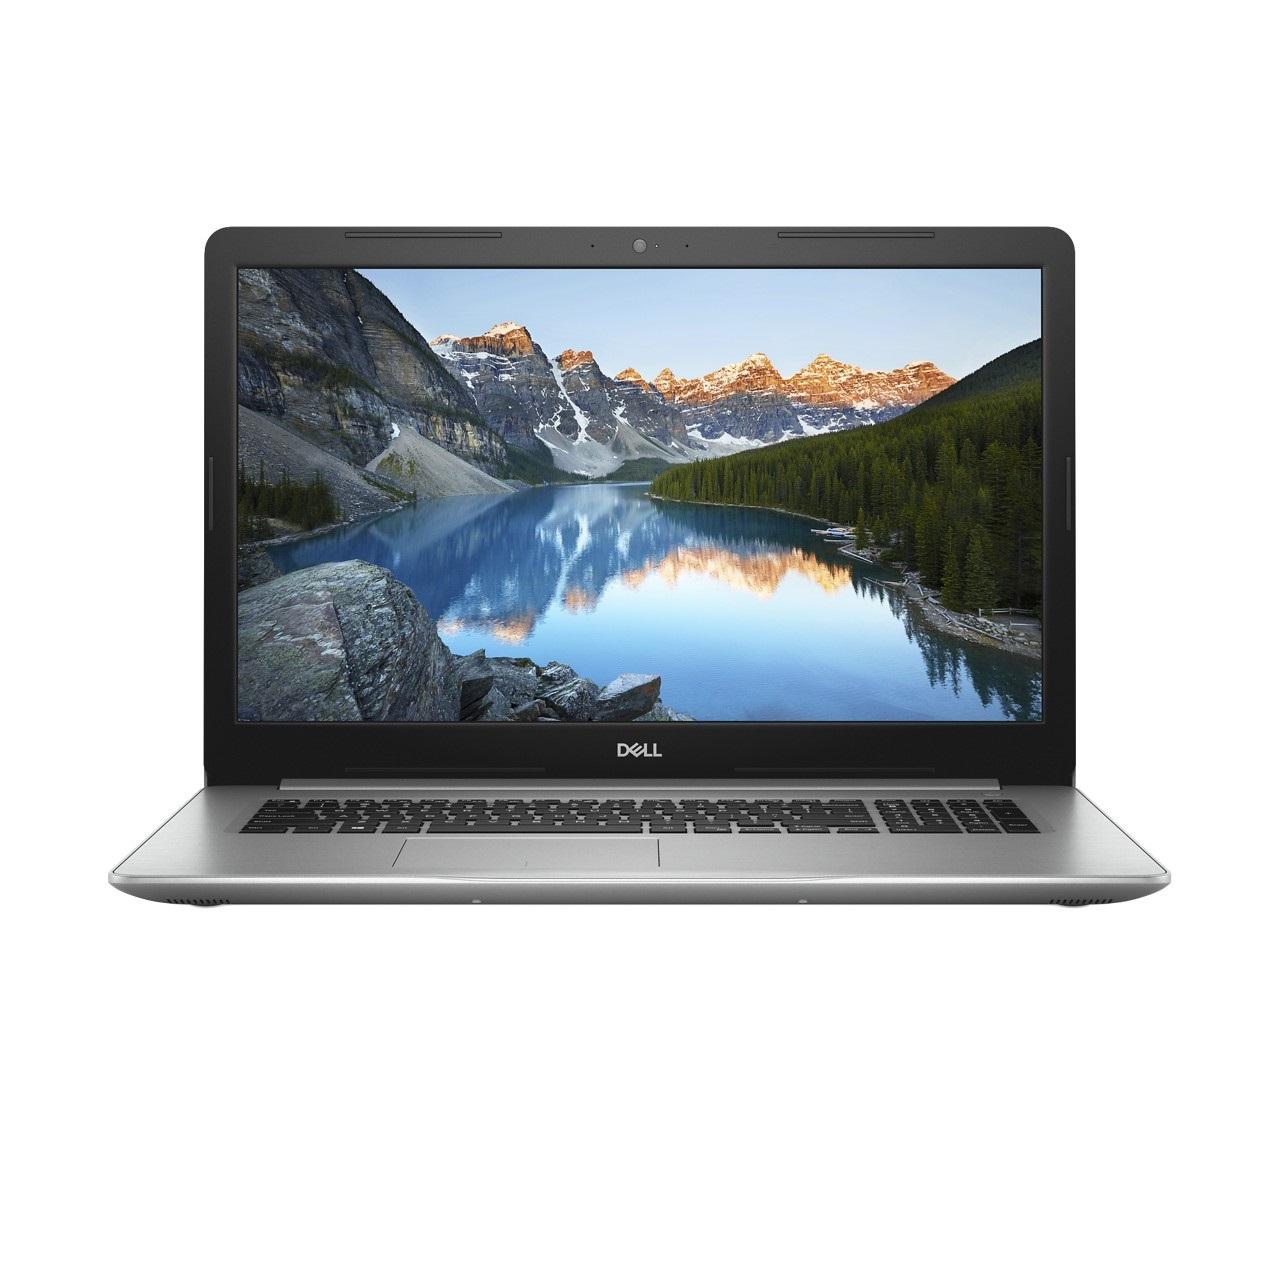 Dell Inspiron 17 5770 43,9 cm (17,3